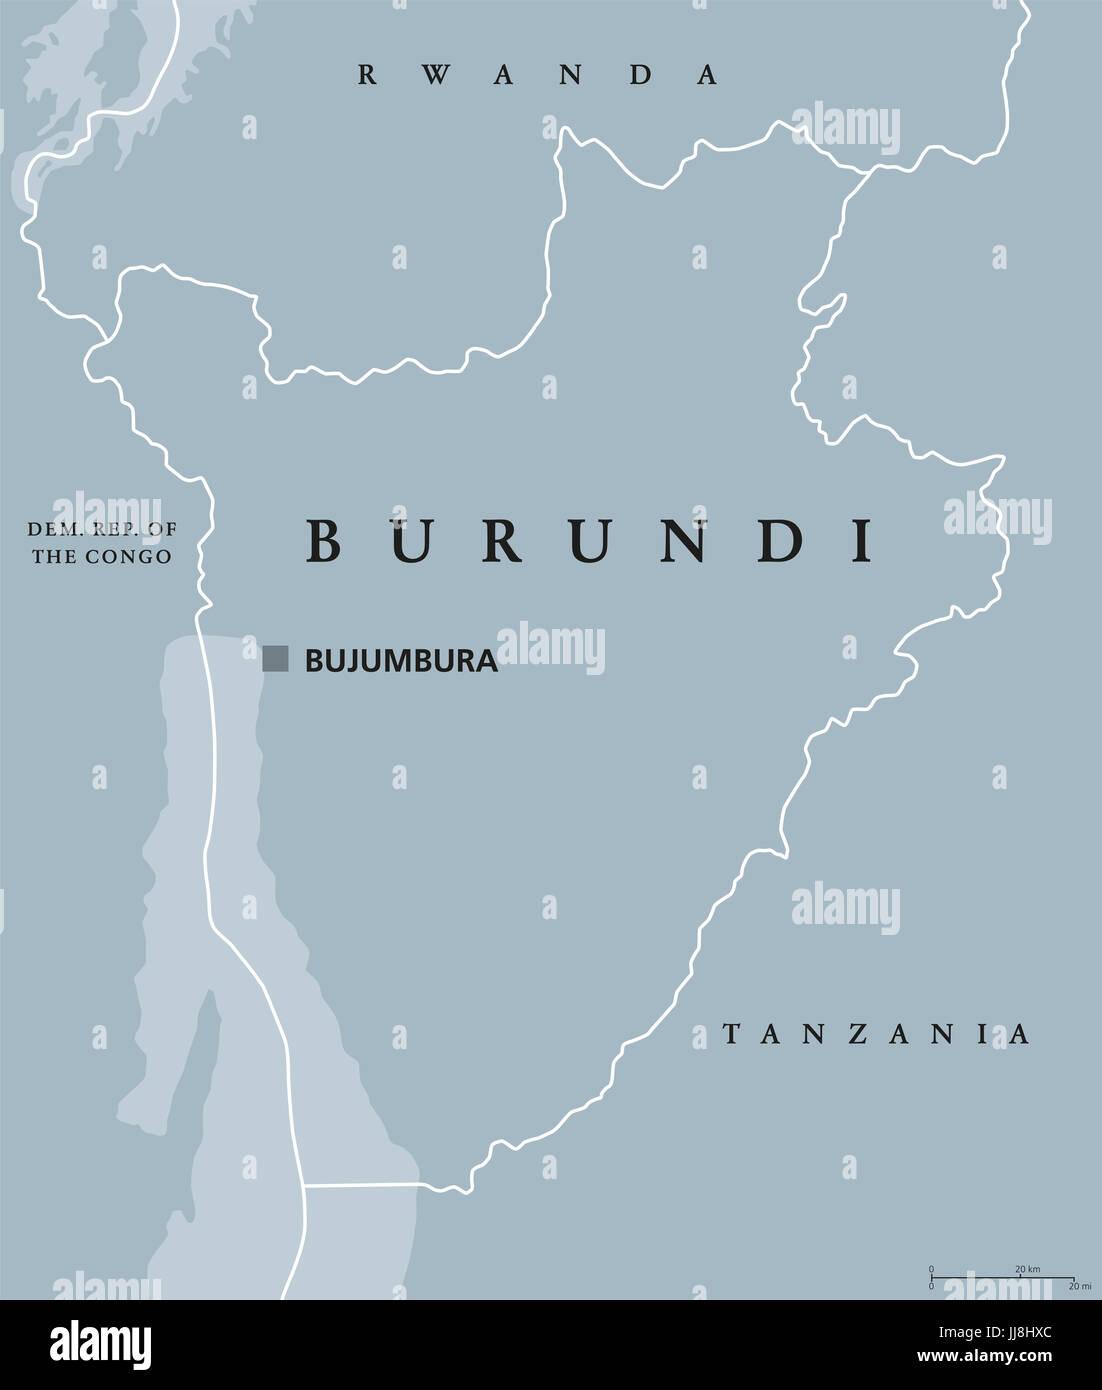 Carte Afrique Sans Pays.Carte Politique Du Burundi Avec Capitale Bujumbura Et Les